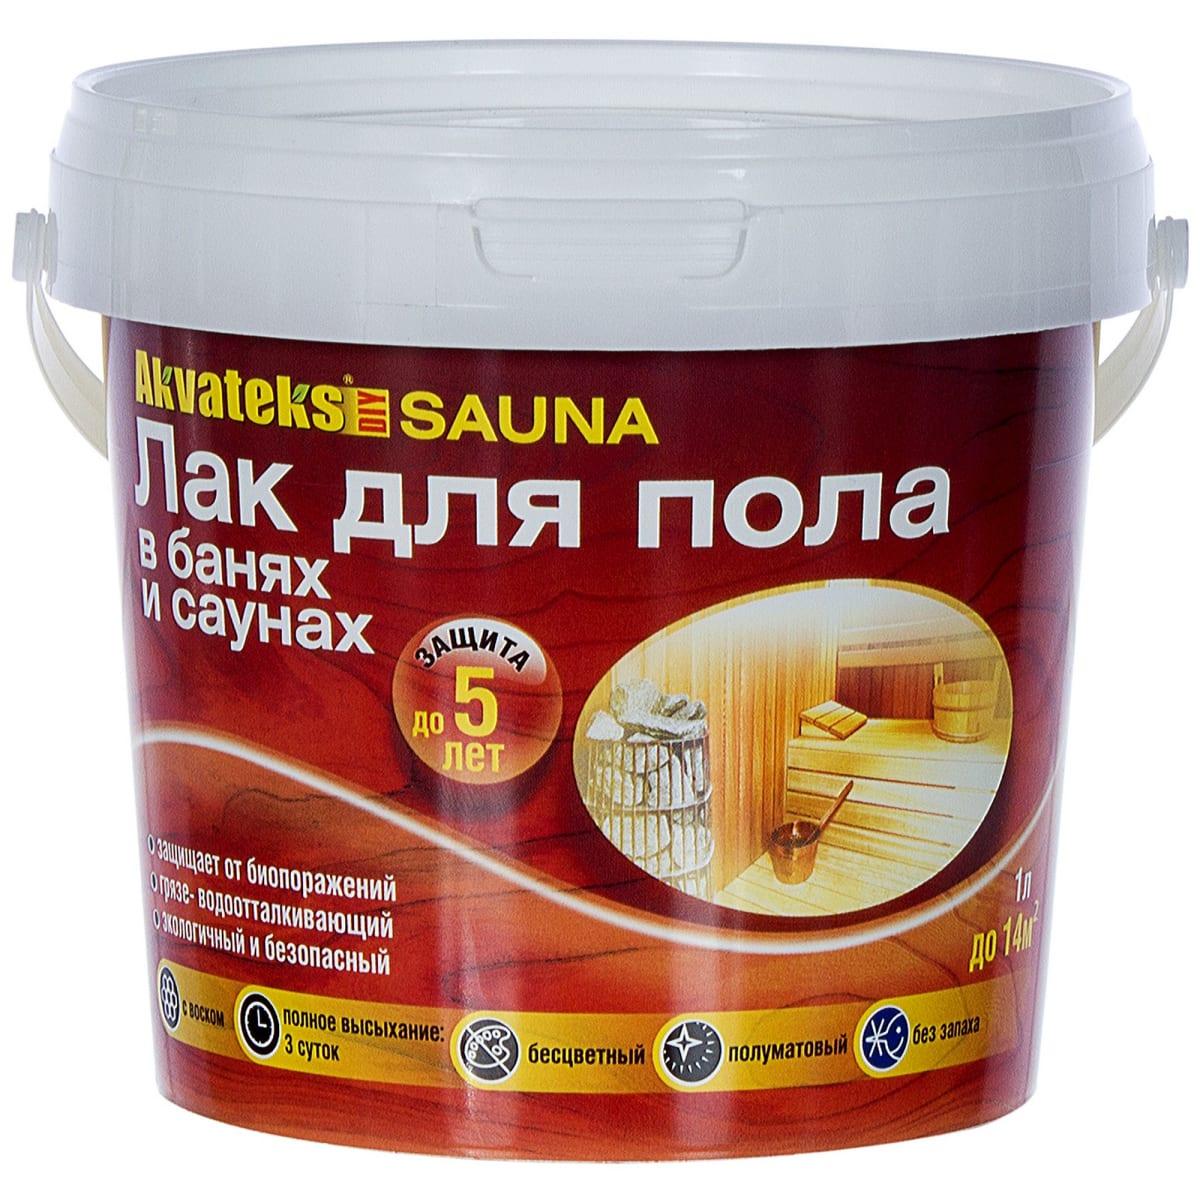 Масло для полков бани и другие средства, чем их обработать, какие пропитки вредные, из чего делают, как самому изготовить, пропитать, покрыть, сделать обработку